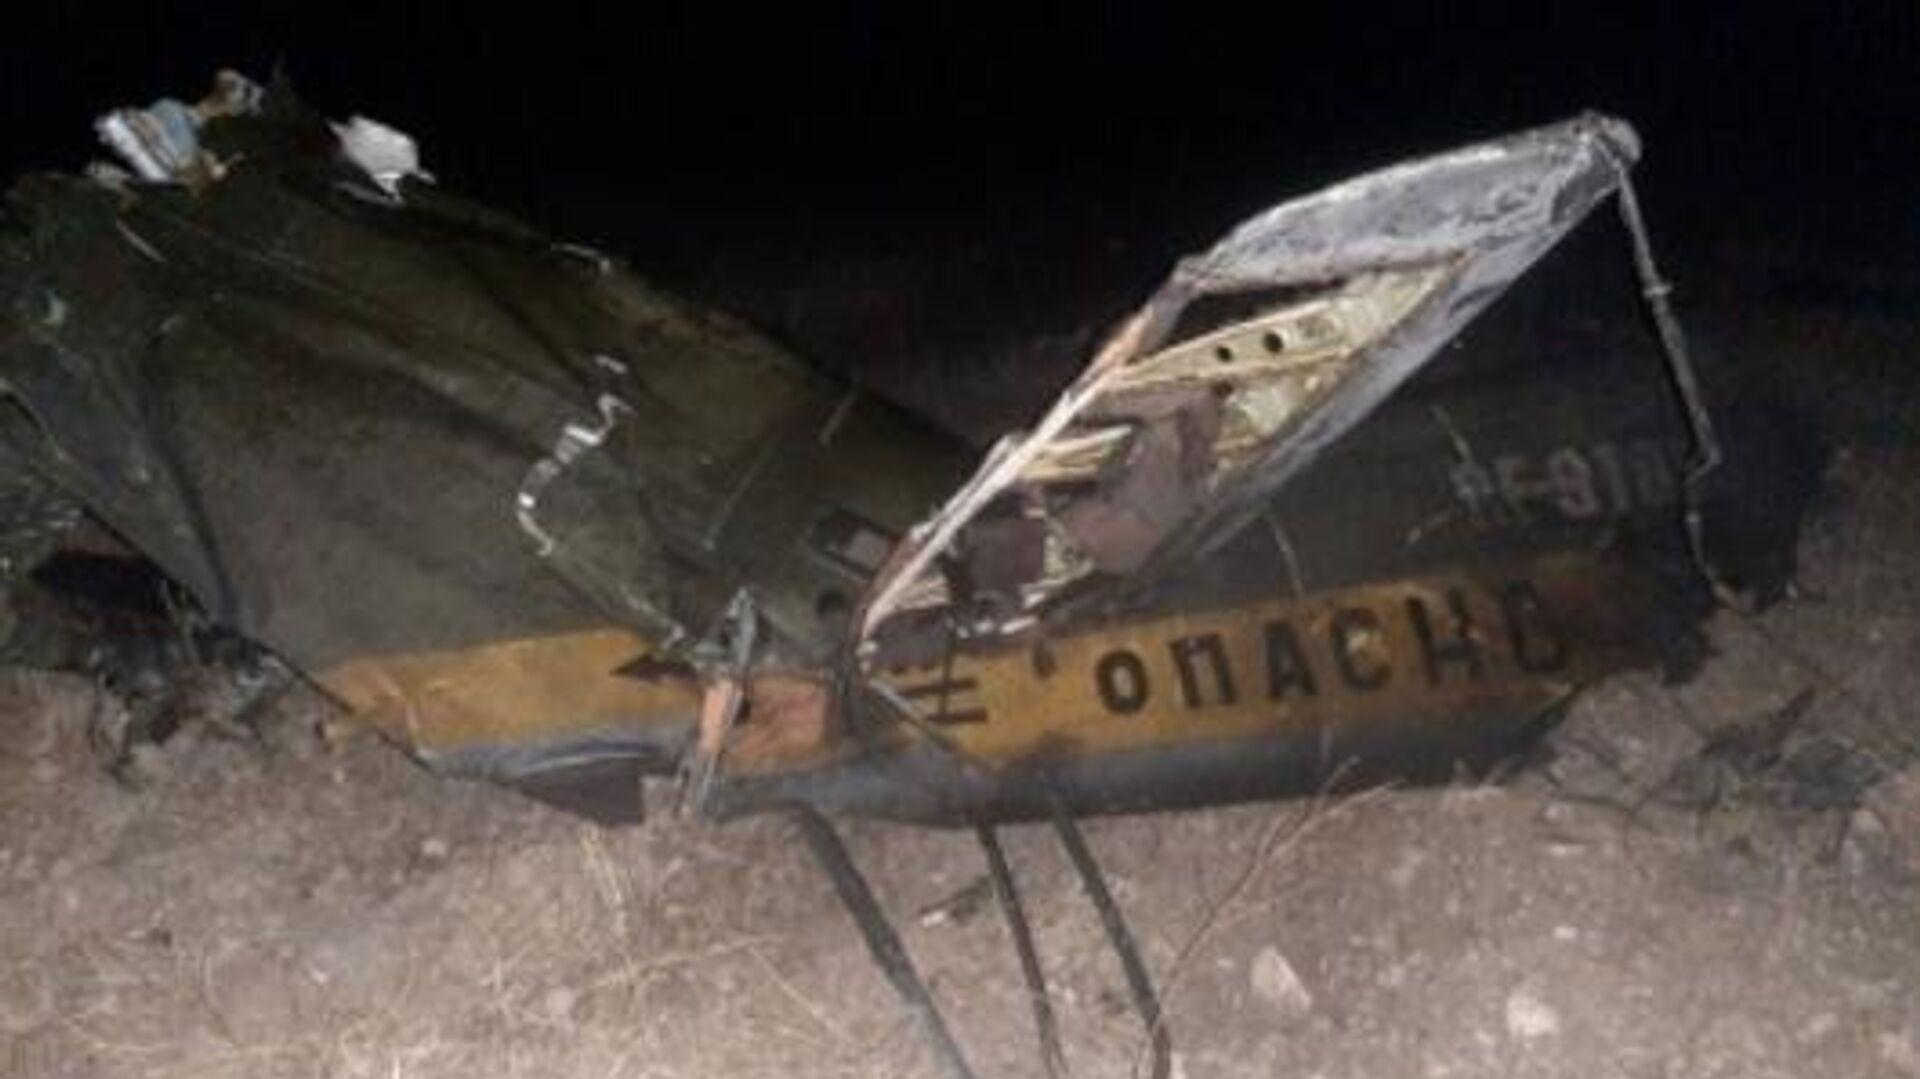 Обломки российского вертолета Ми-24, сбитого в воздушном пространстве над территорией Армении вне зоны боевых действий - РИА Новости, 1920, 14.11.2020